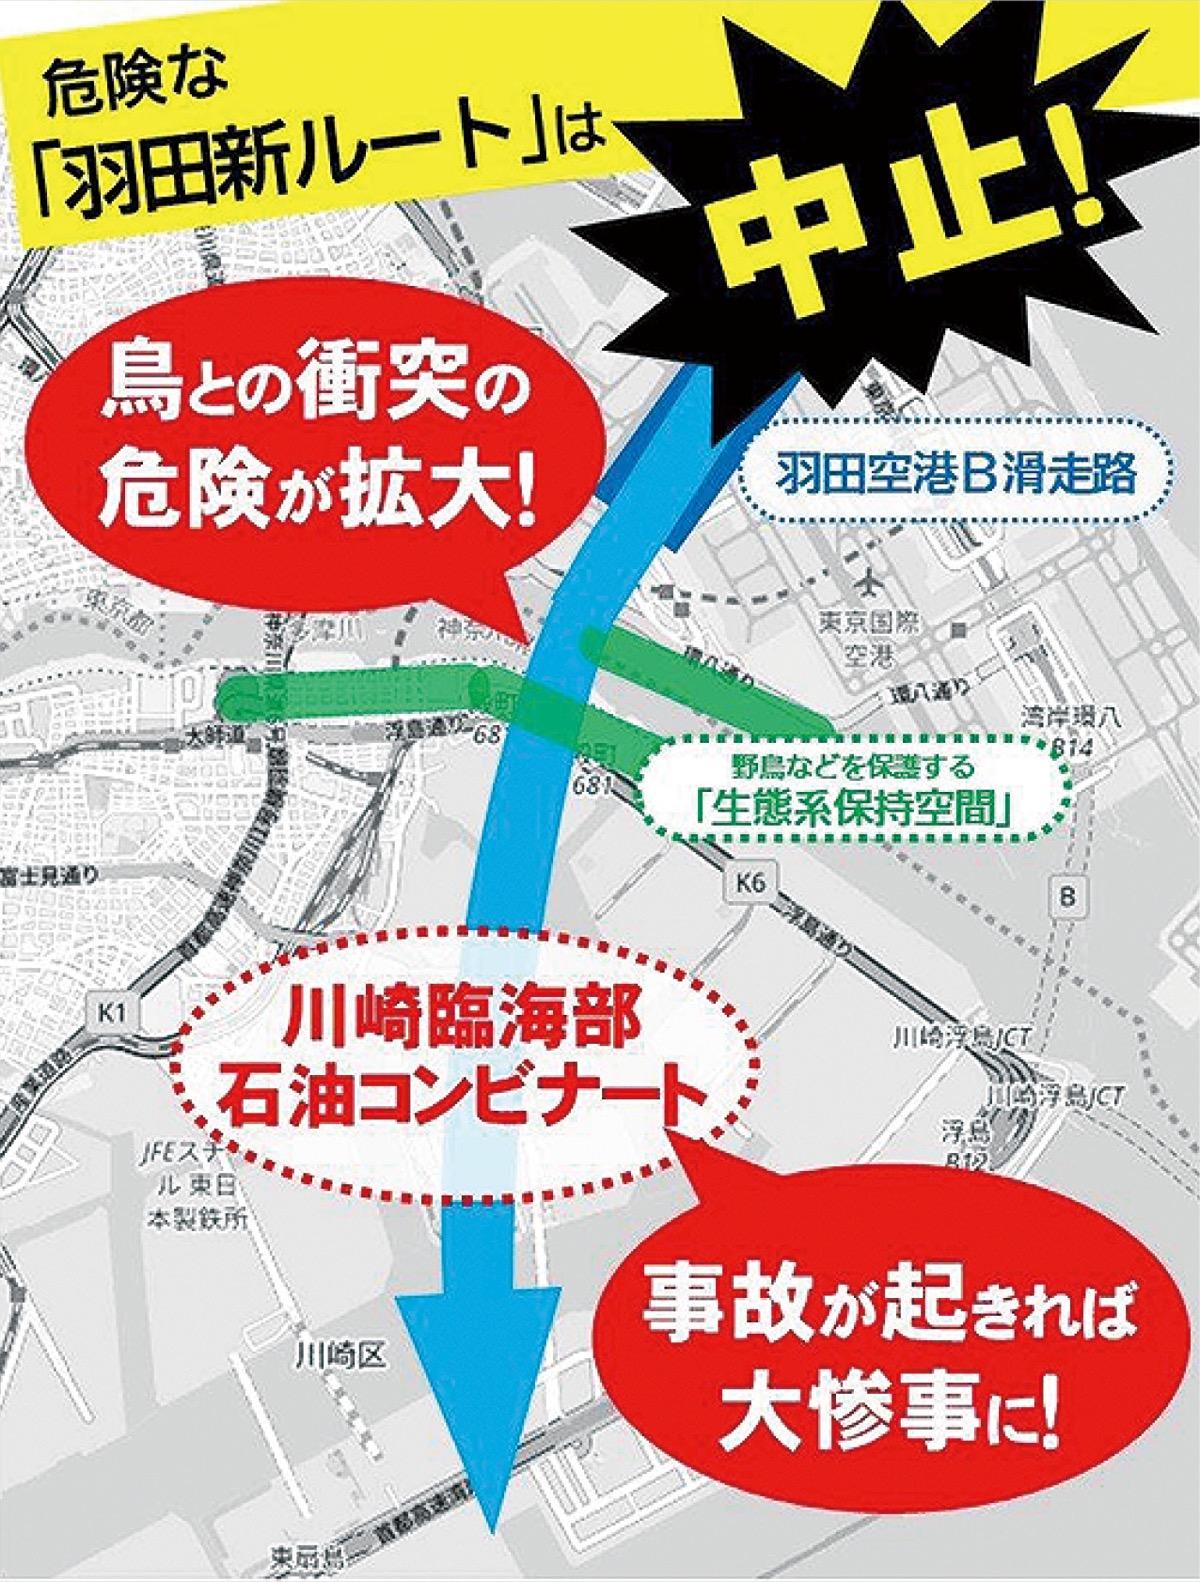 羽田 新 ルート 地図